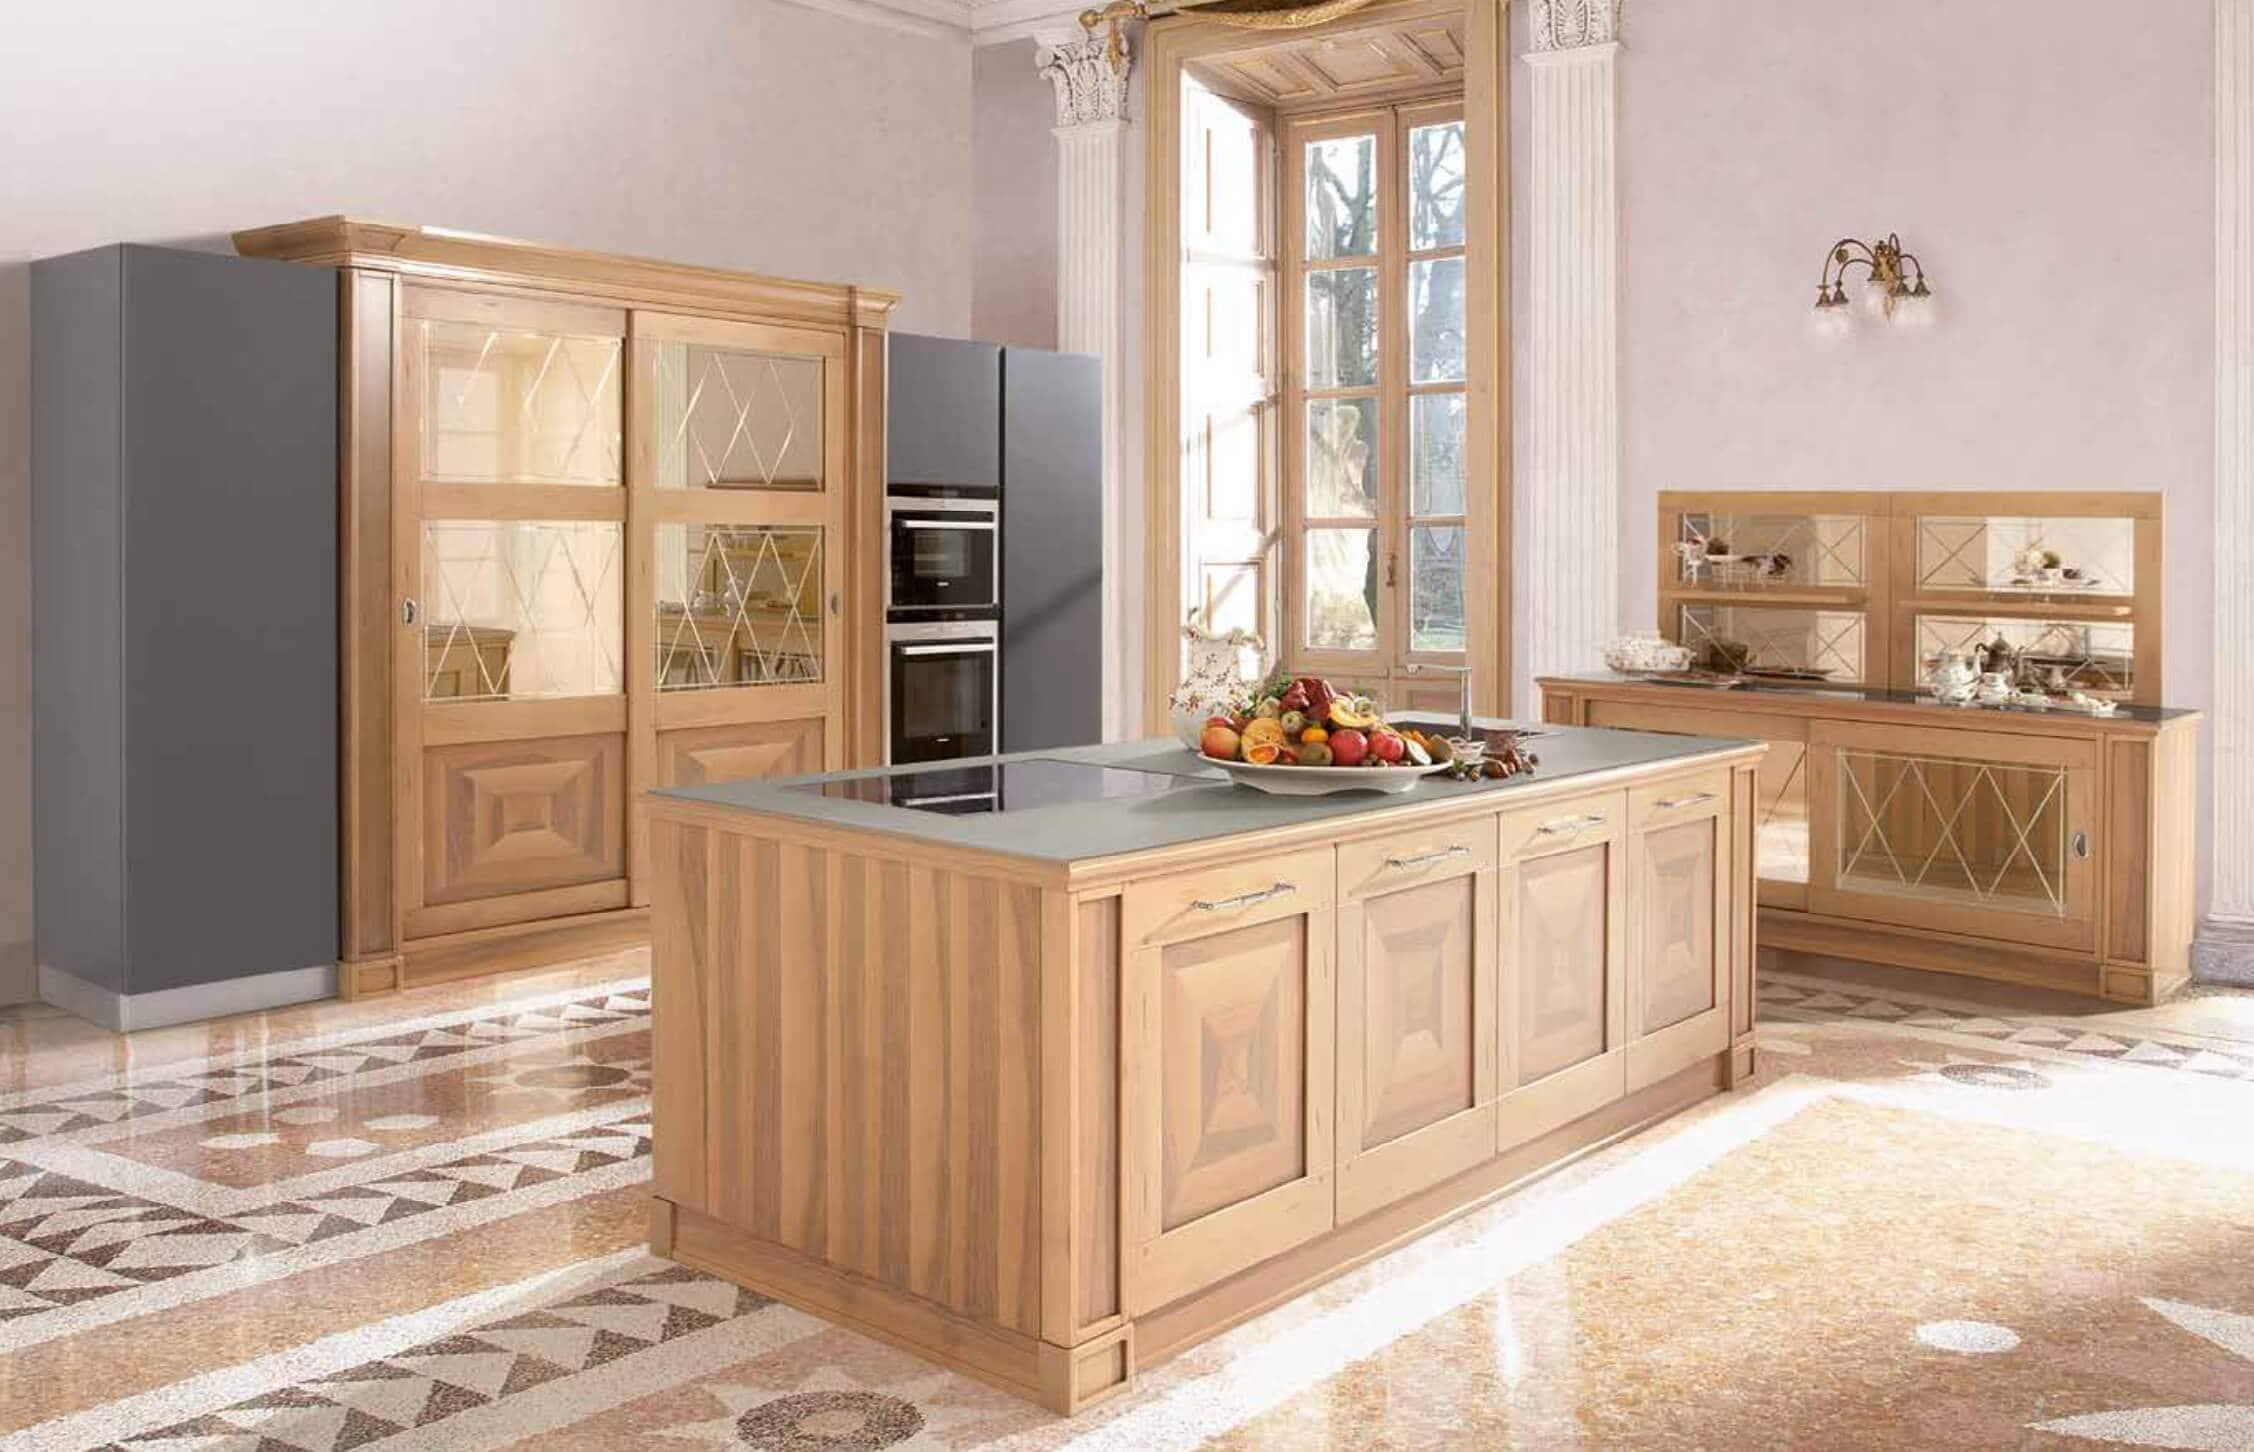 caveneta-collection-luxury-italian-kitchens-venetacucine-us